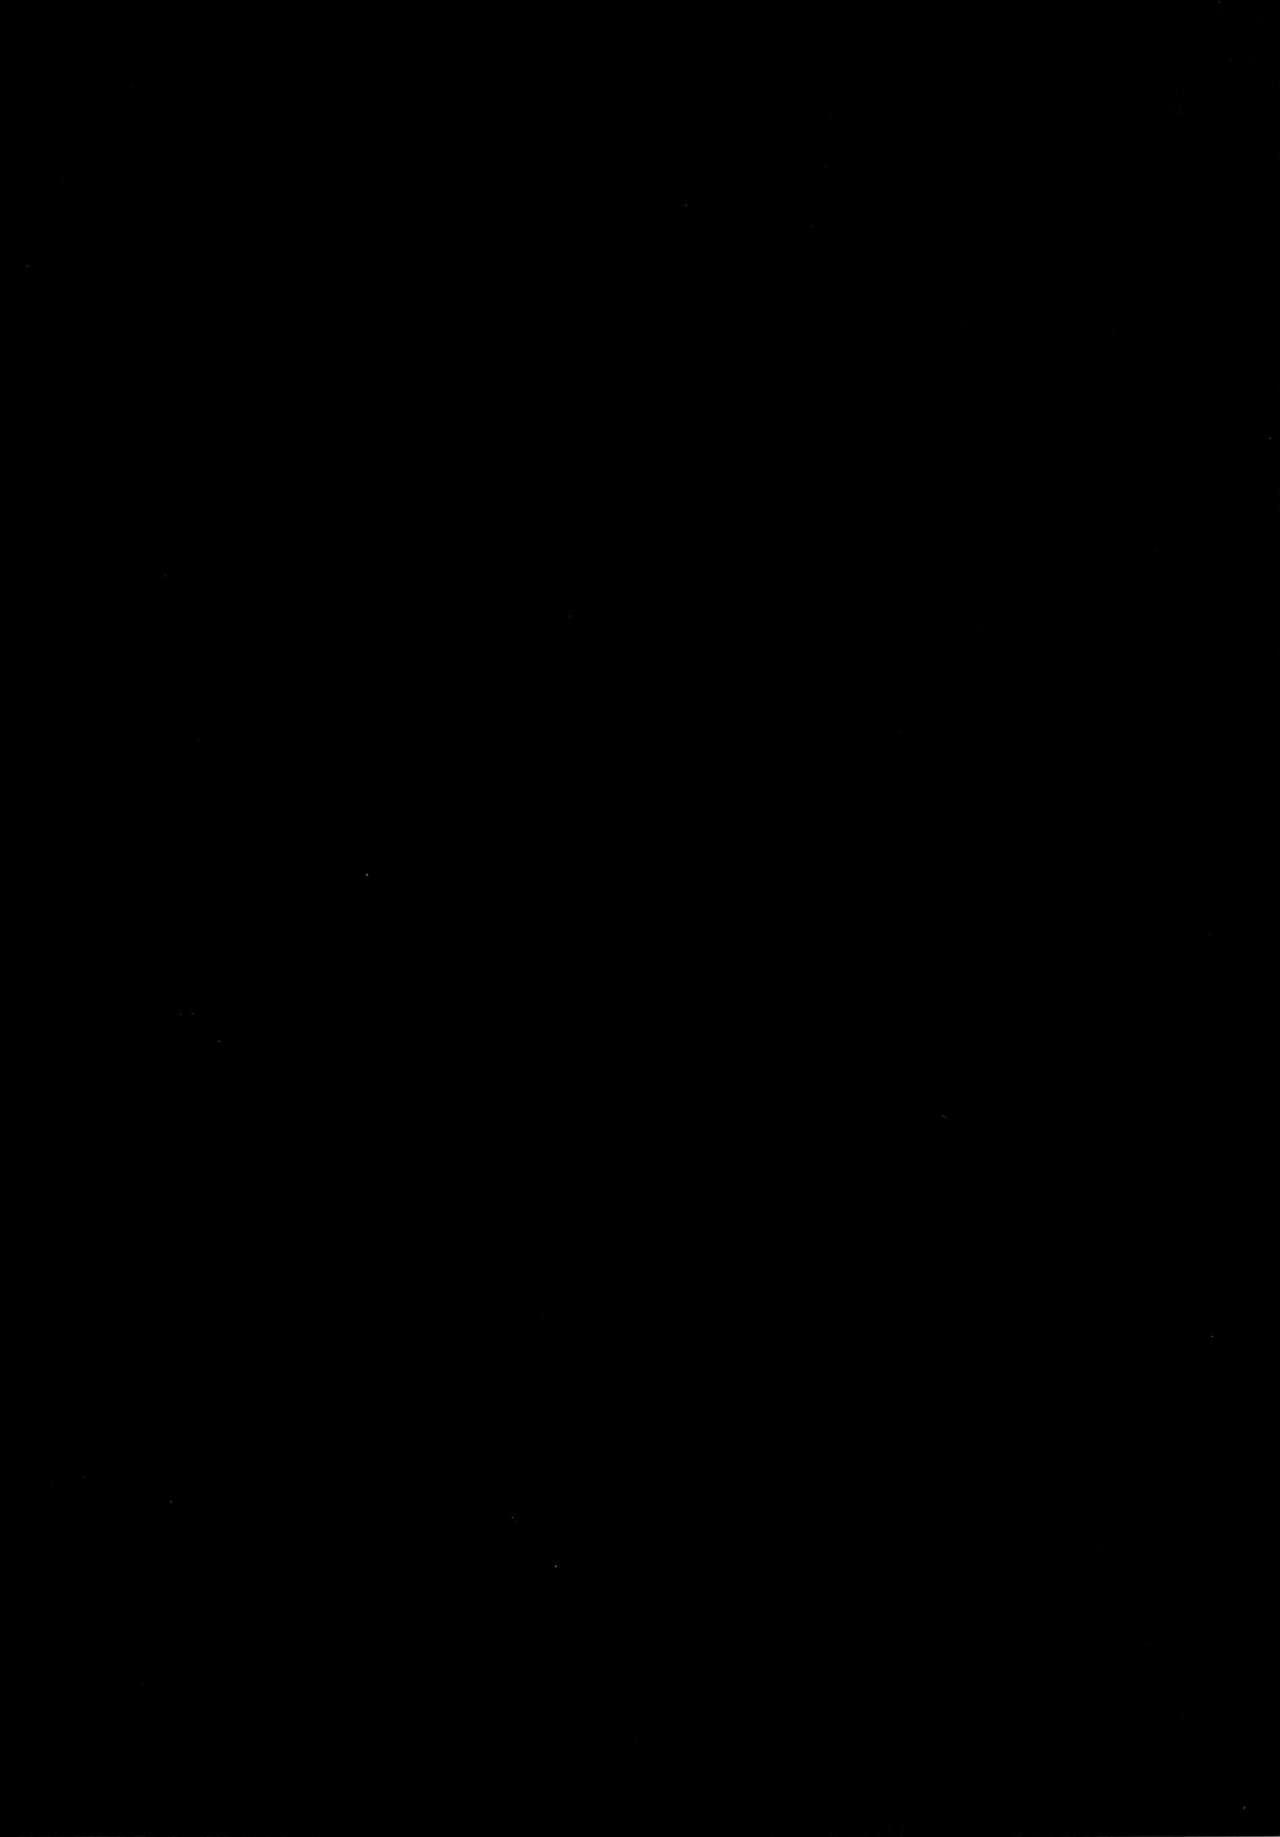 Sasami 2